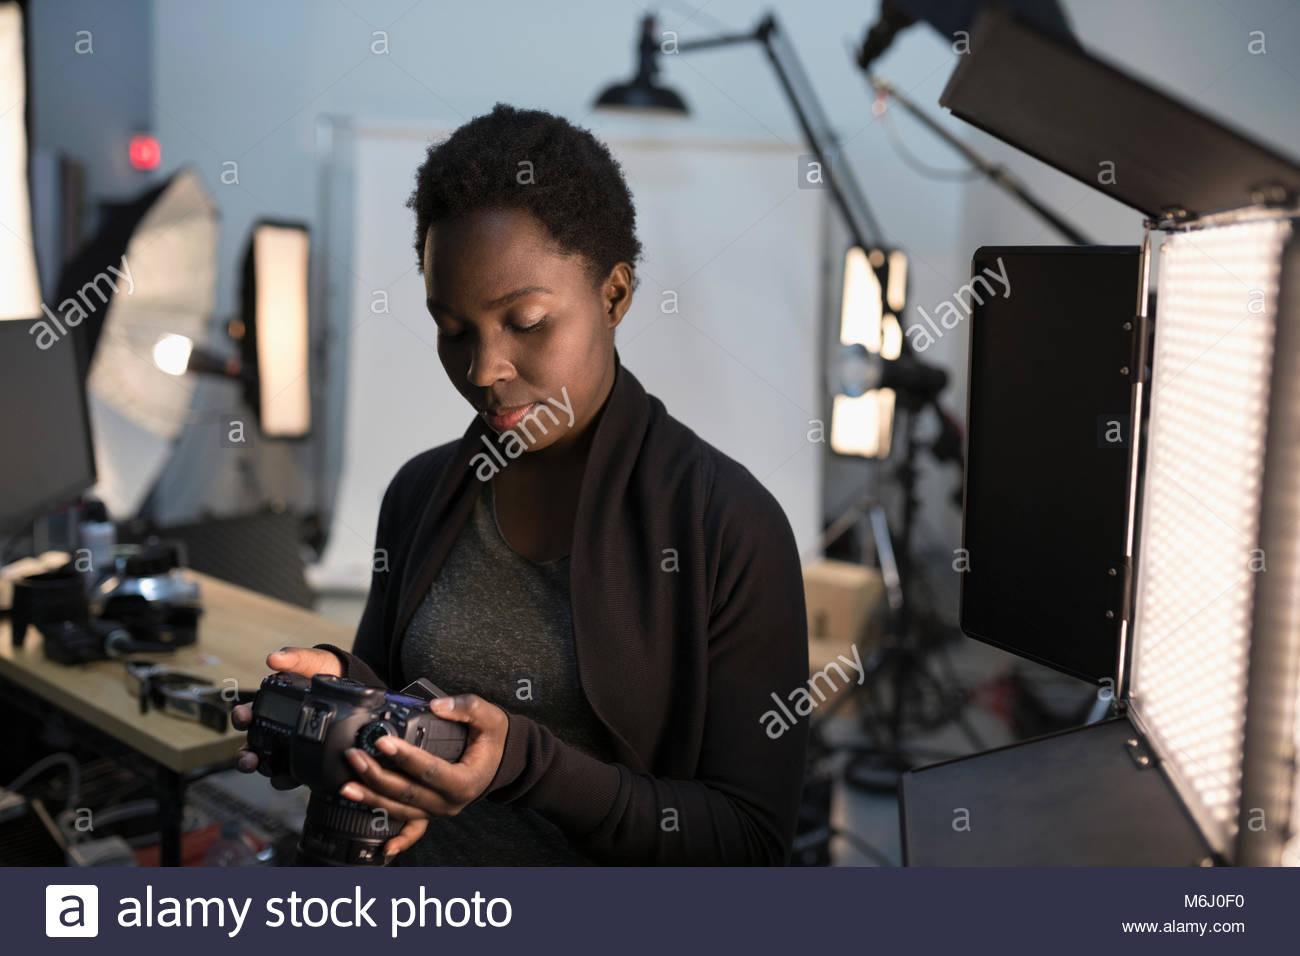 Fotografo femmina guardando la fotocamera digitale mirino al foto riprese in studio Immagini Stock